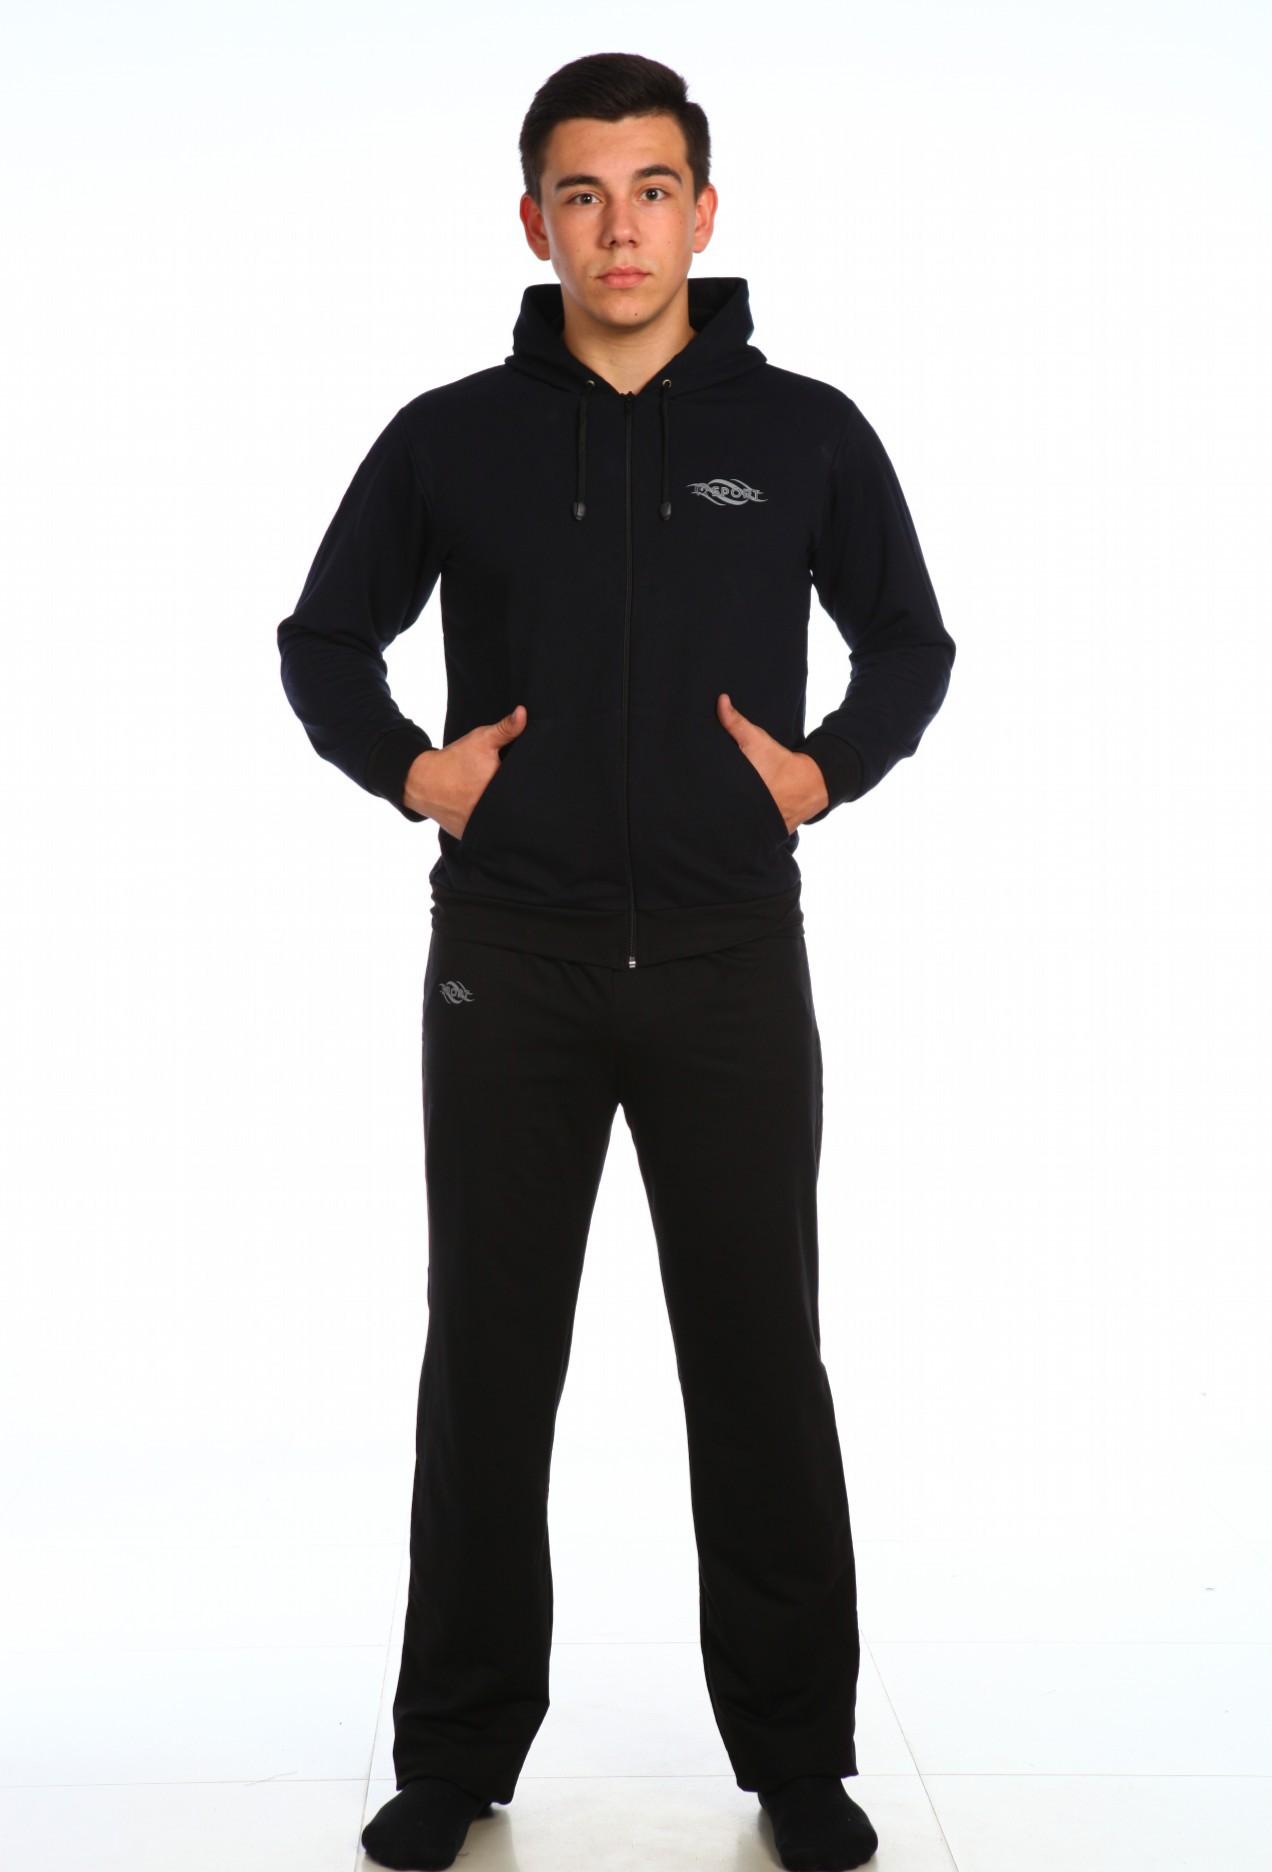 Костюм мужской Спорт толстовка и брюкиКостюмы<br><br><br>Размер: 60